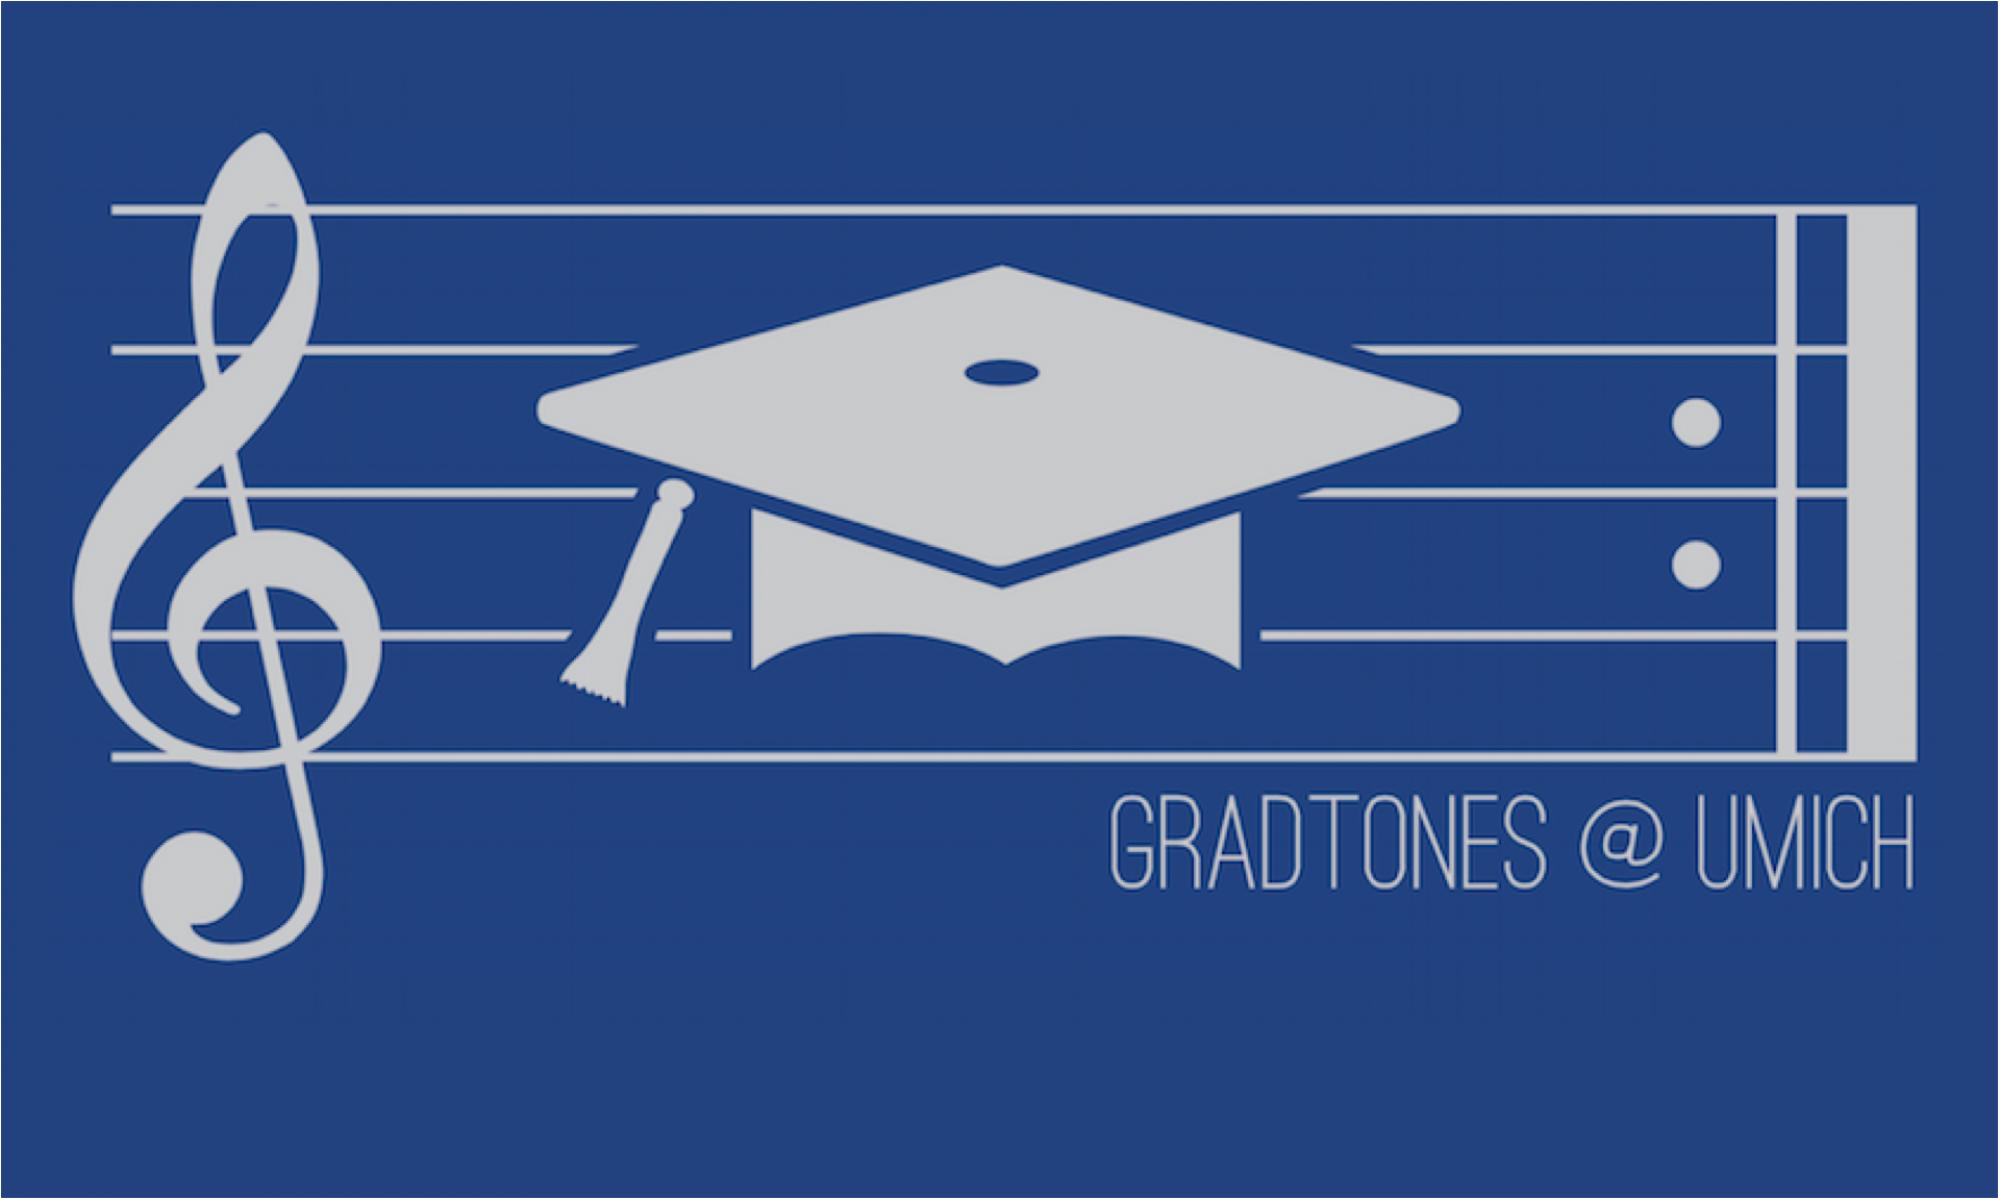 GradTONES